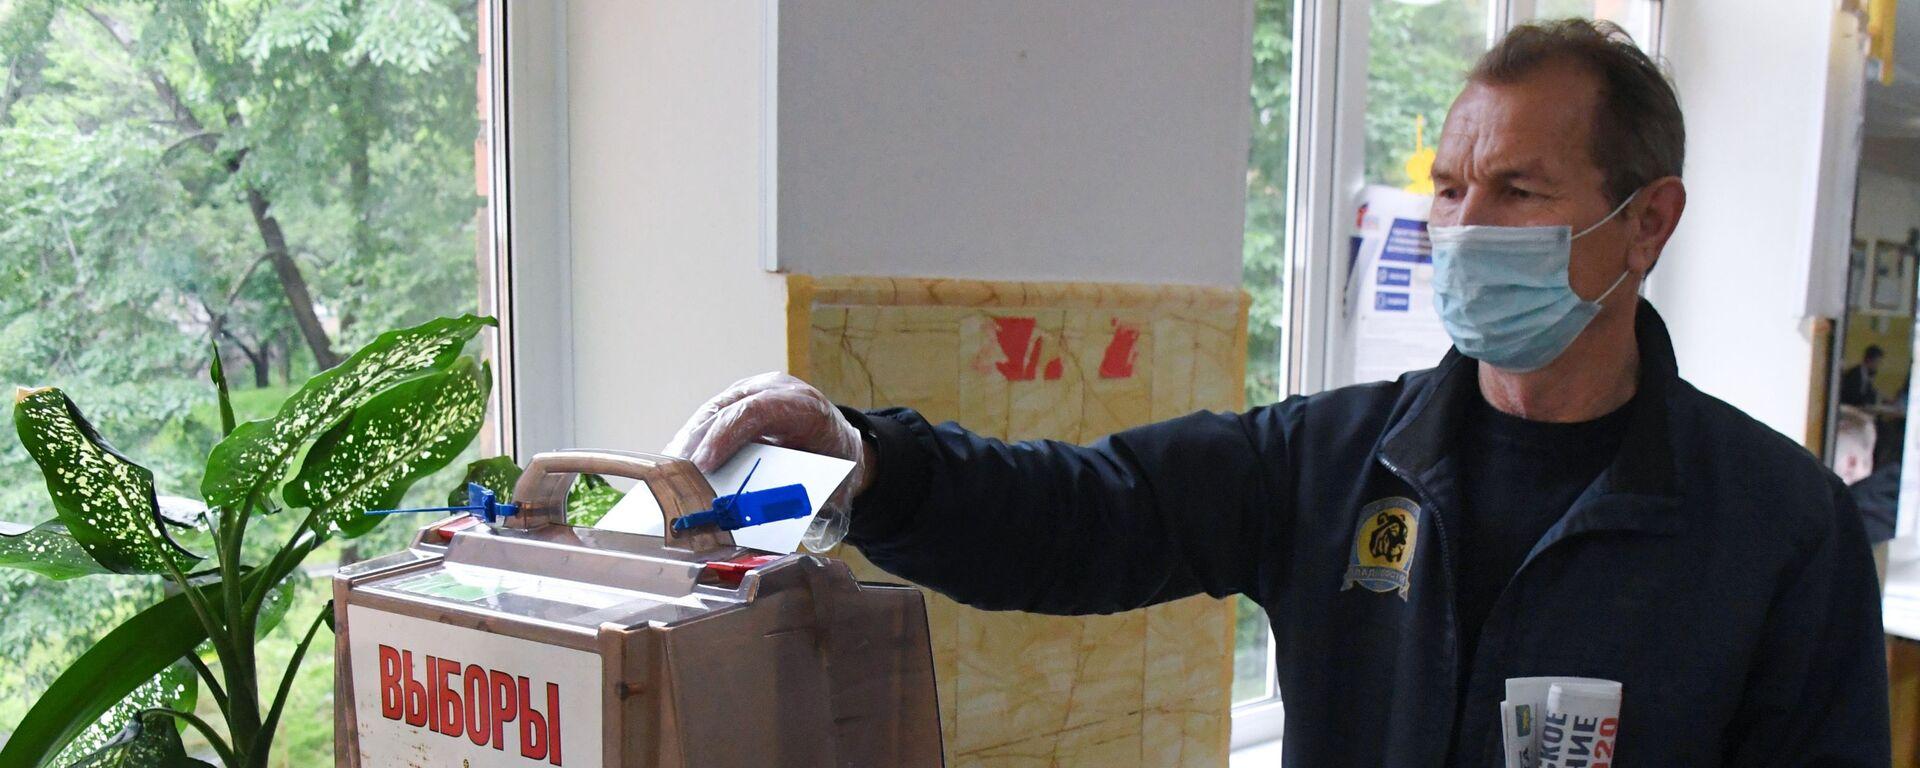 Голосование по внесению поправок в Конституцию РФ в регионах России - Sputnik Таджикистан, 1920, 26.08.2021